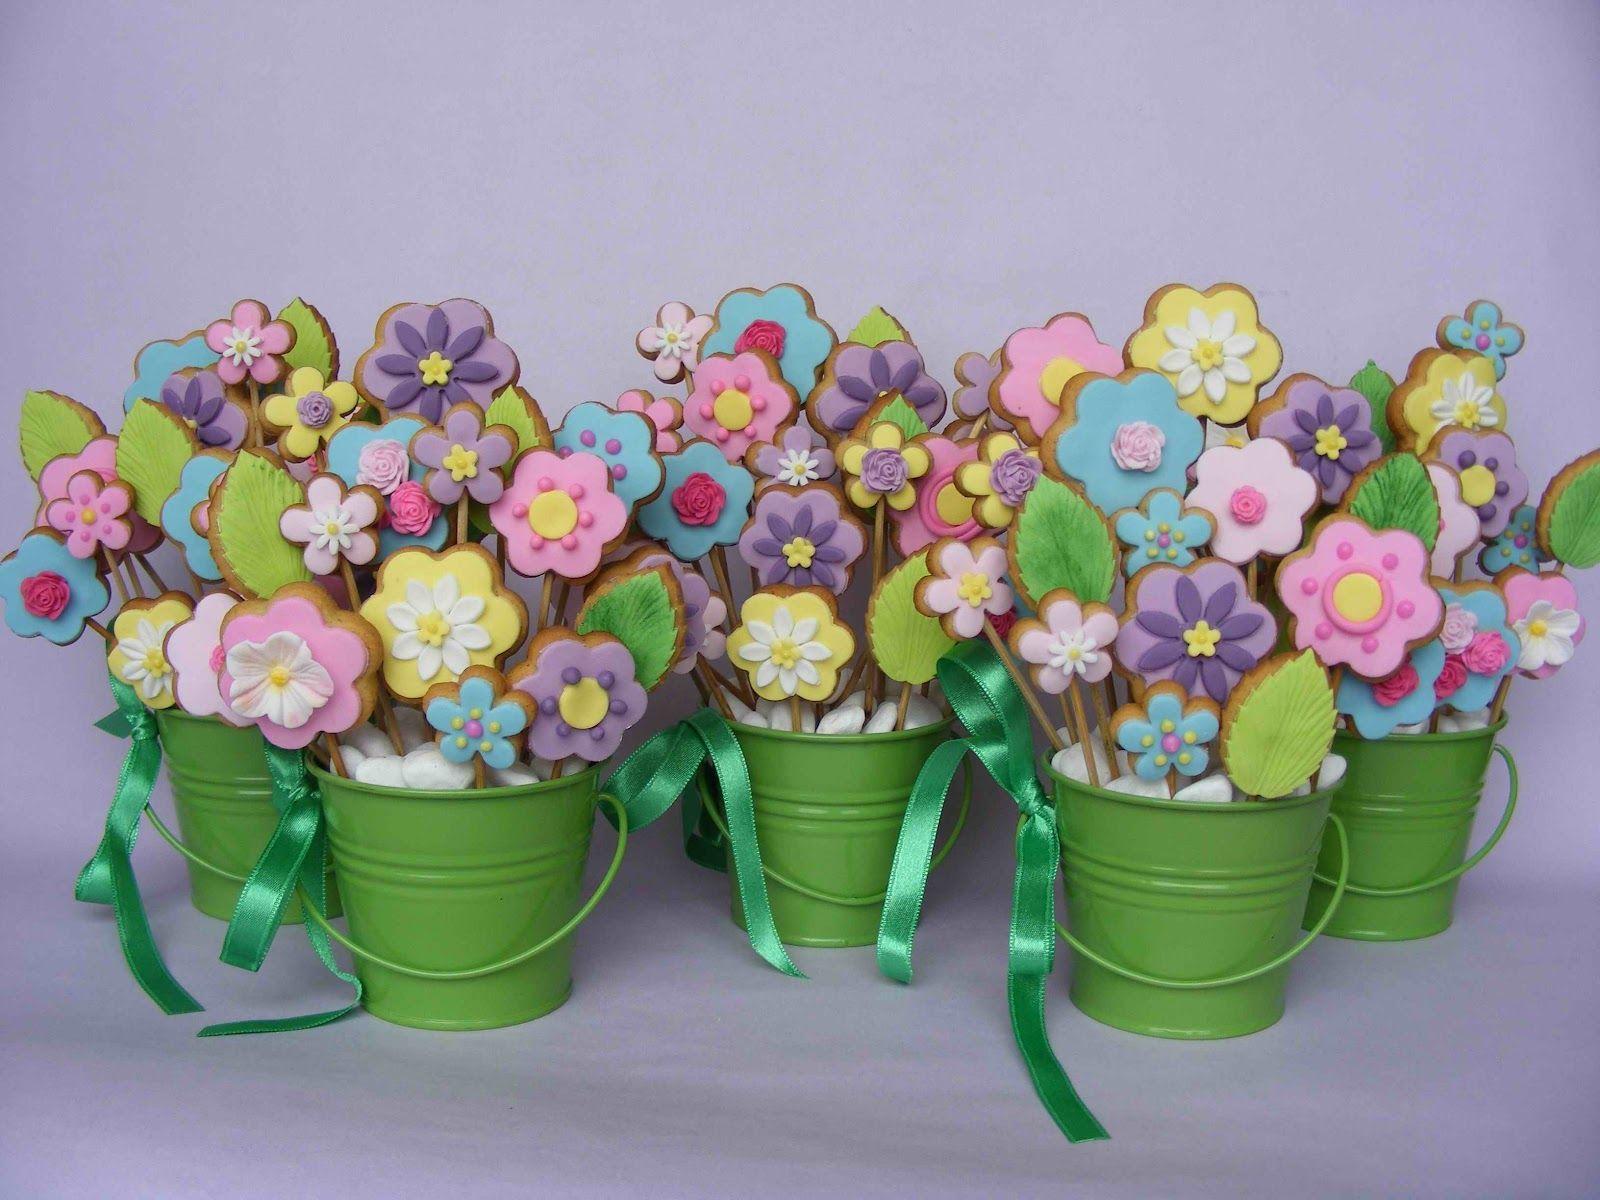 Cookie Flower Pots | Great Ideas: Food | Pinterest | Sugar cookies ...